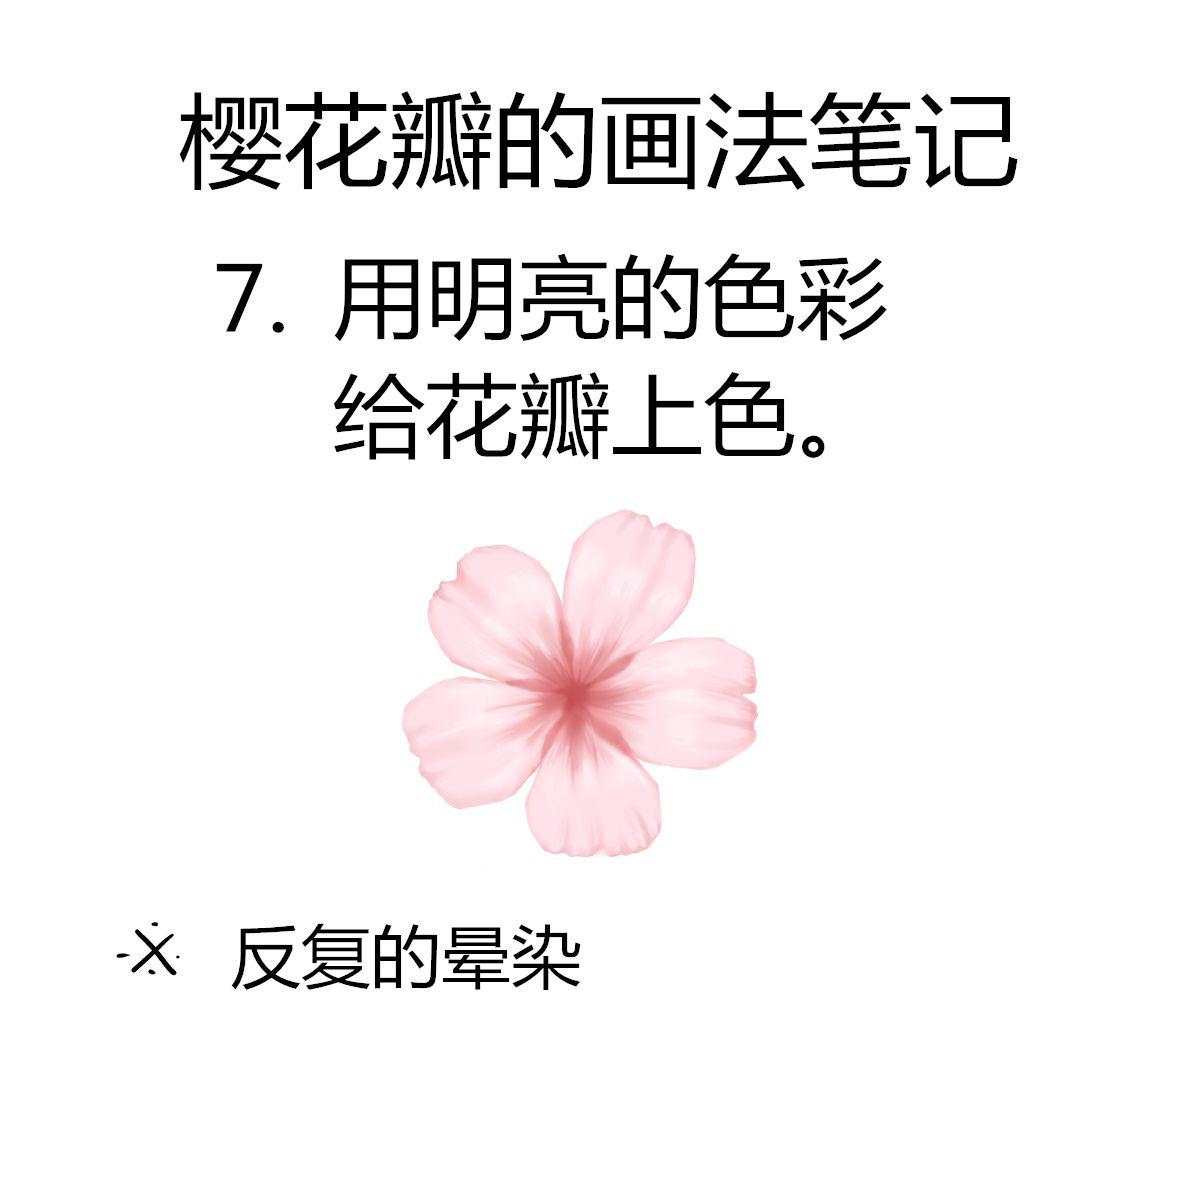 樱花瓣画法教程 - 优动漫